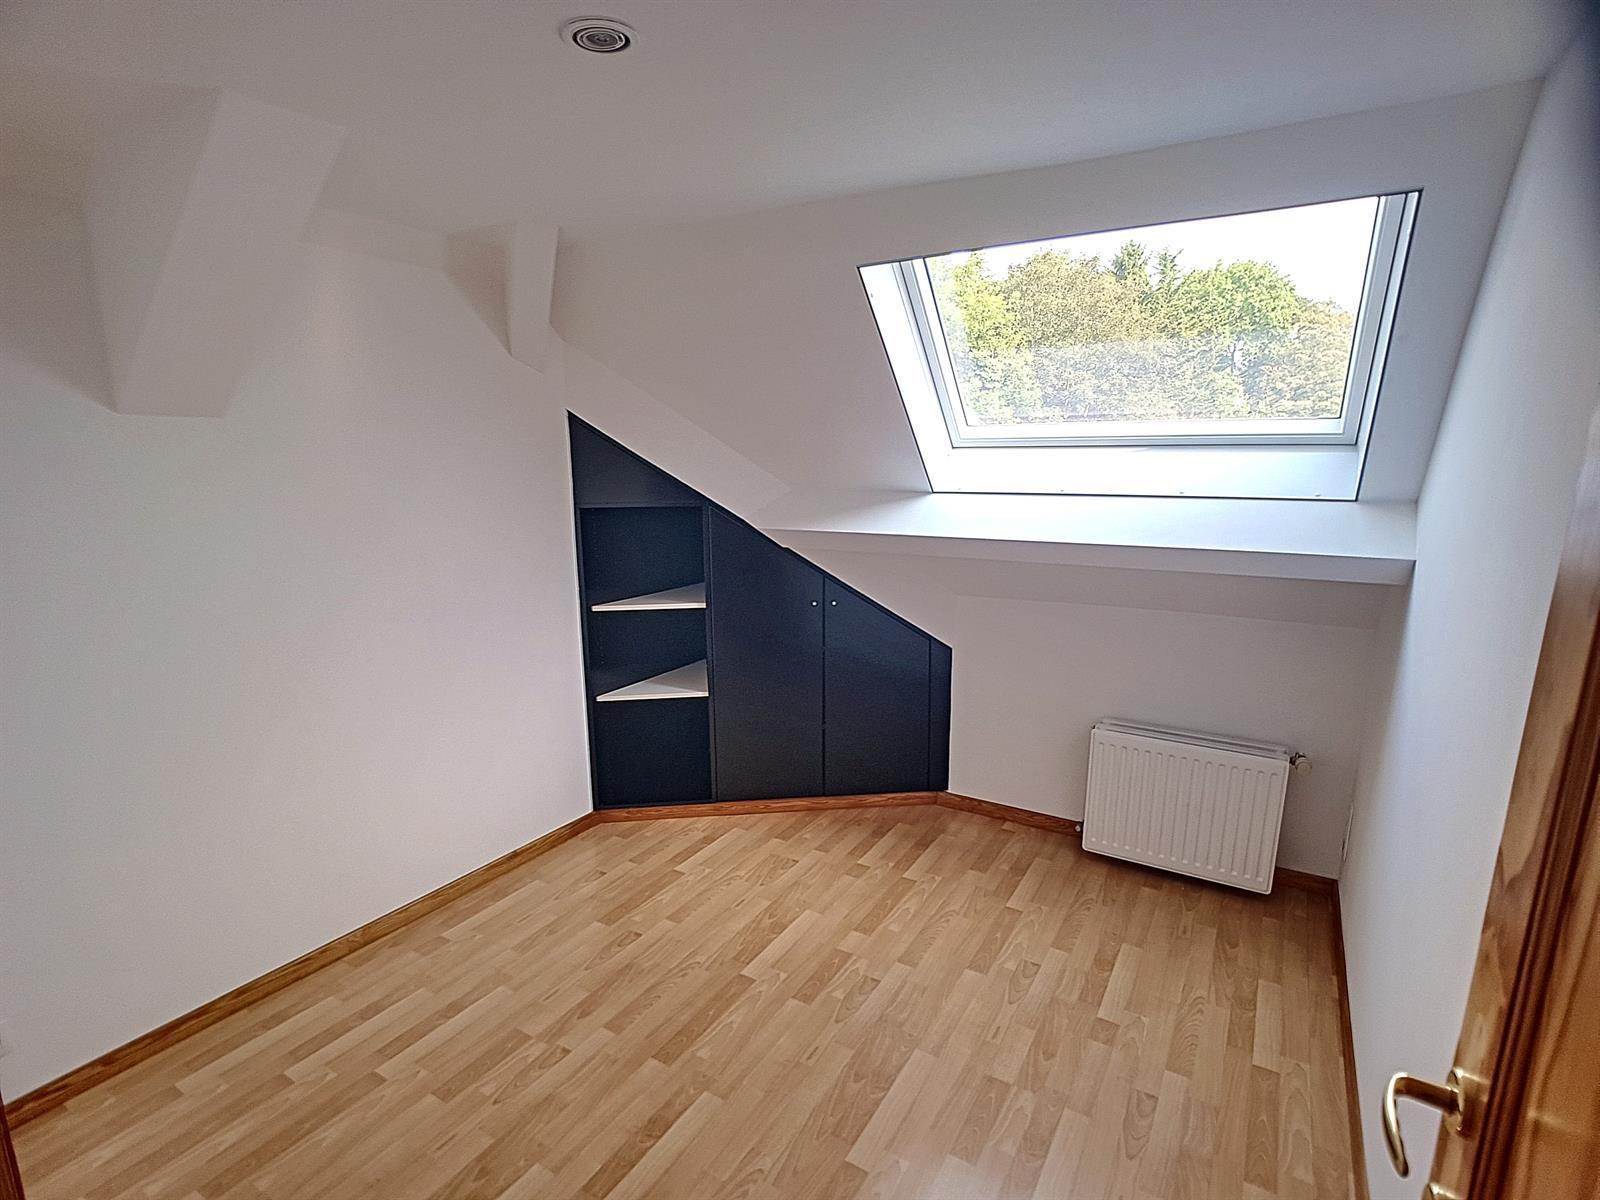 Duplex - Ottignies-Louvain-la-Neuve Céroux-Mousty - #3847042-5